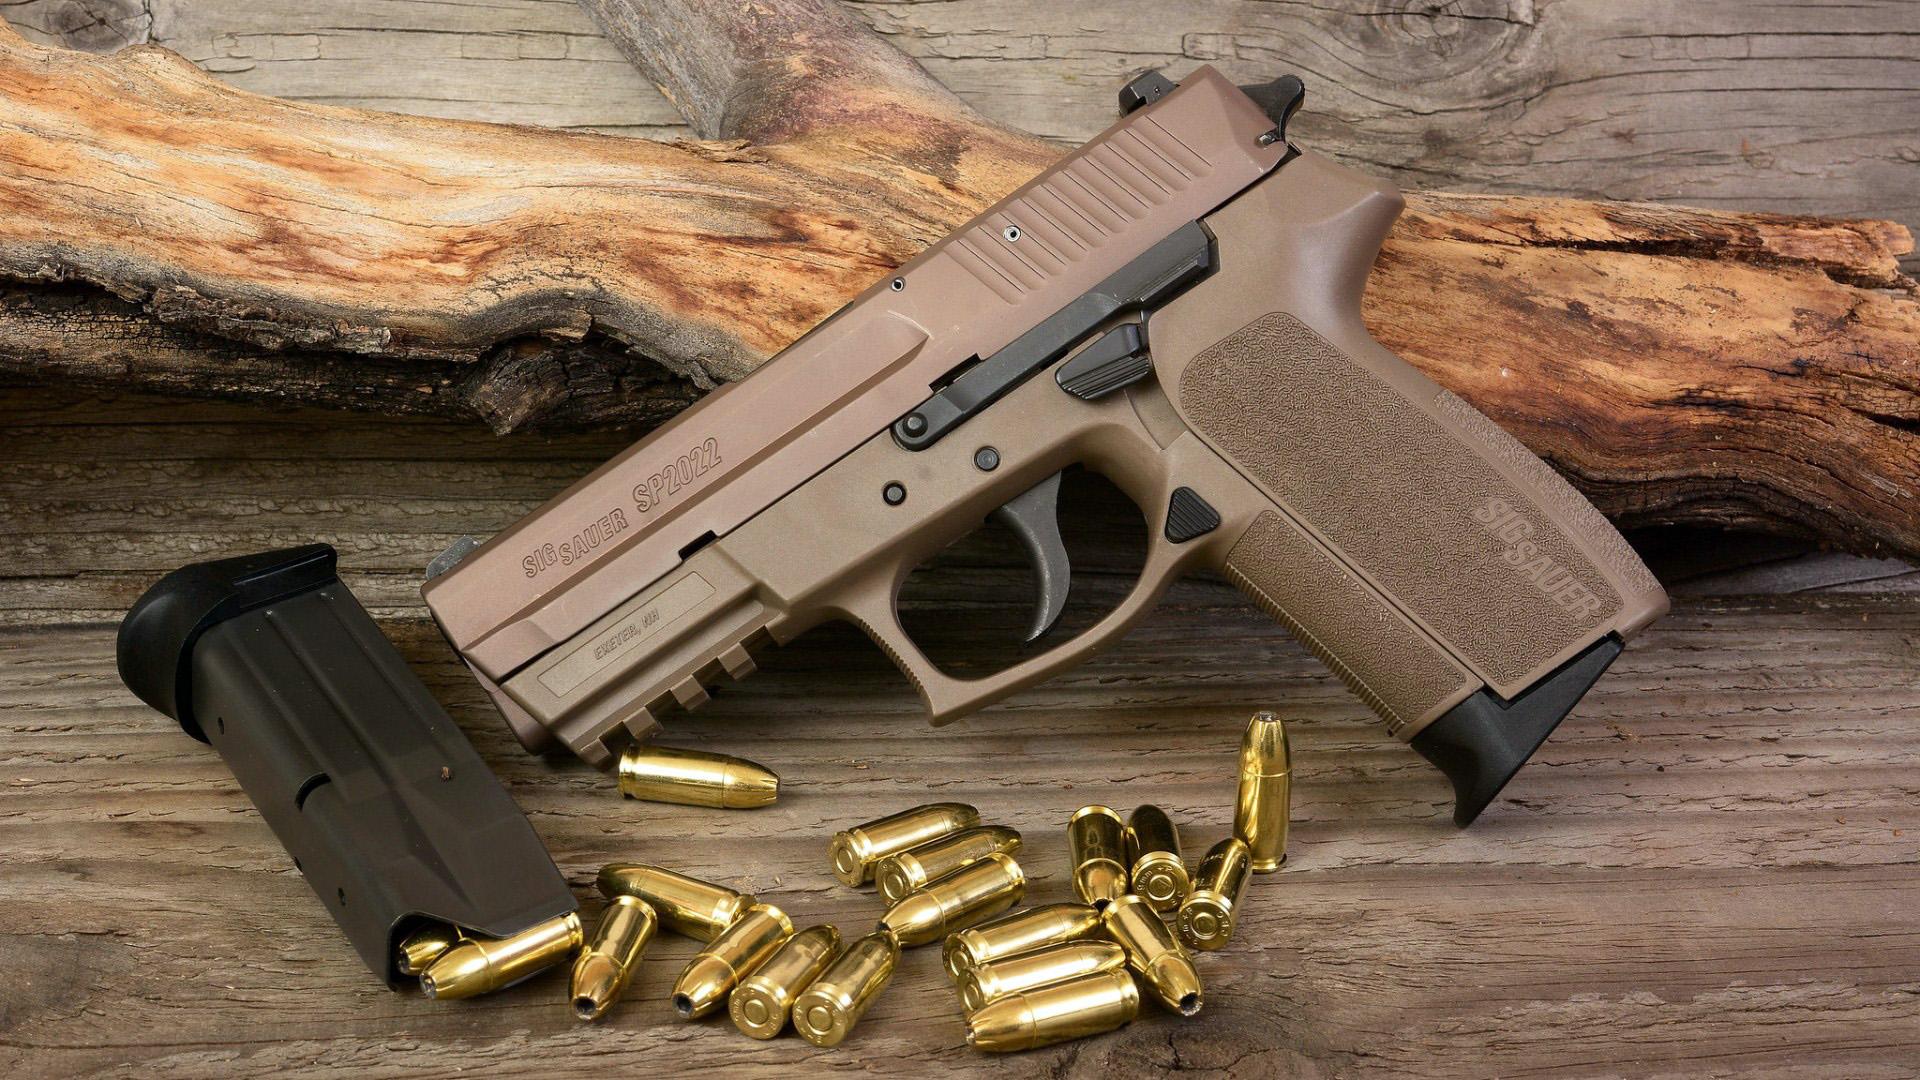 HDoboi.Kiev.ua - Пистолет Sig Sauer P2022, обои на телефон андроид скачать оружие